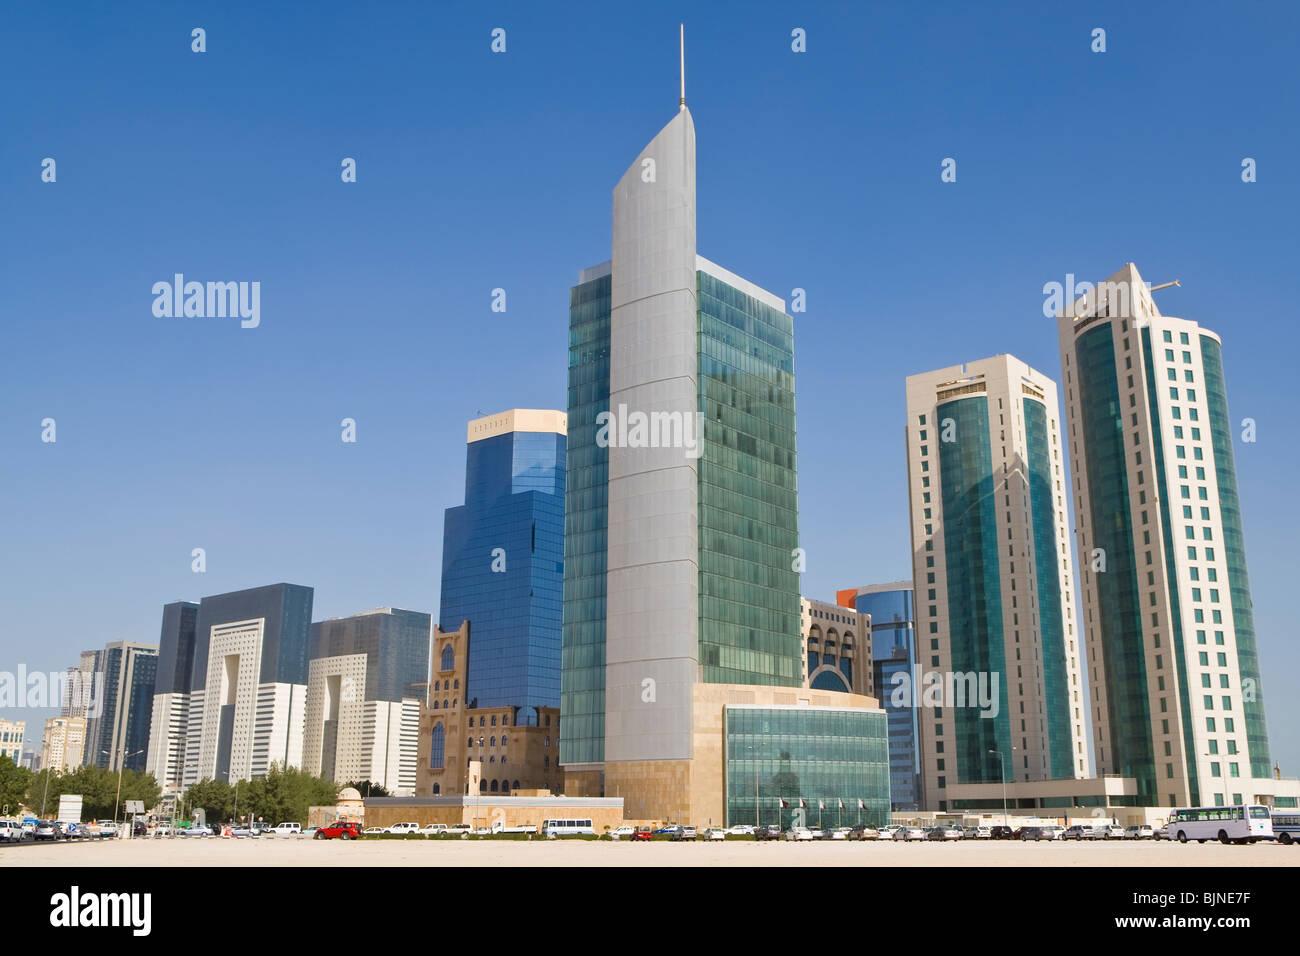 Fotografía de los rascacielos y edificios de oficinas del distrito financiero de Doha, Qatar Skyline Imagen De Stock